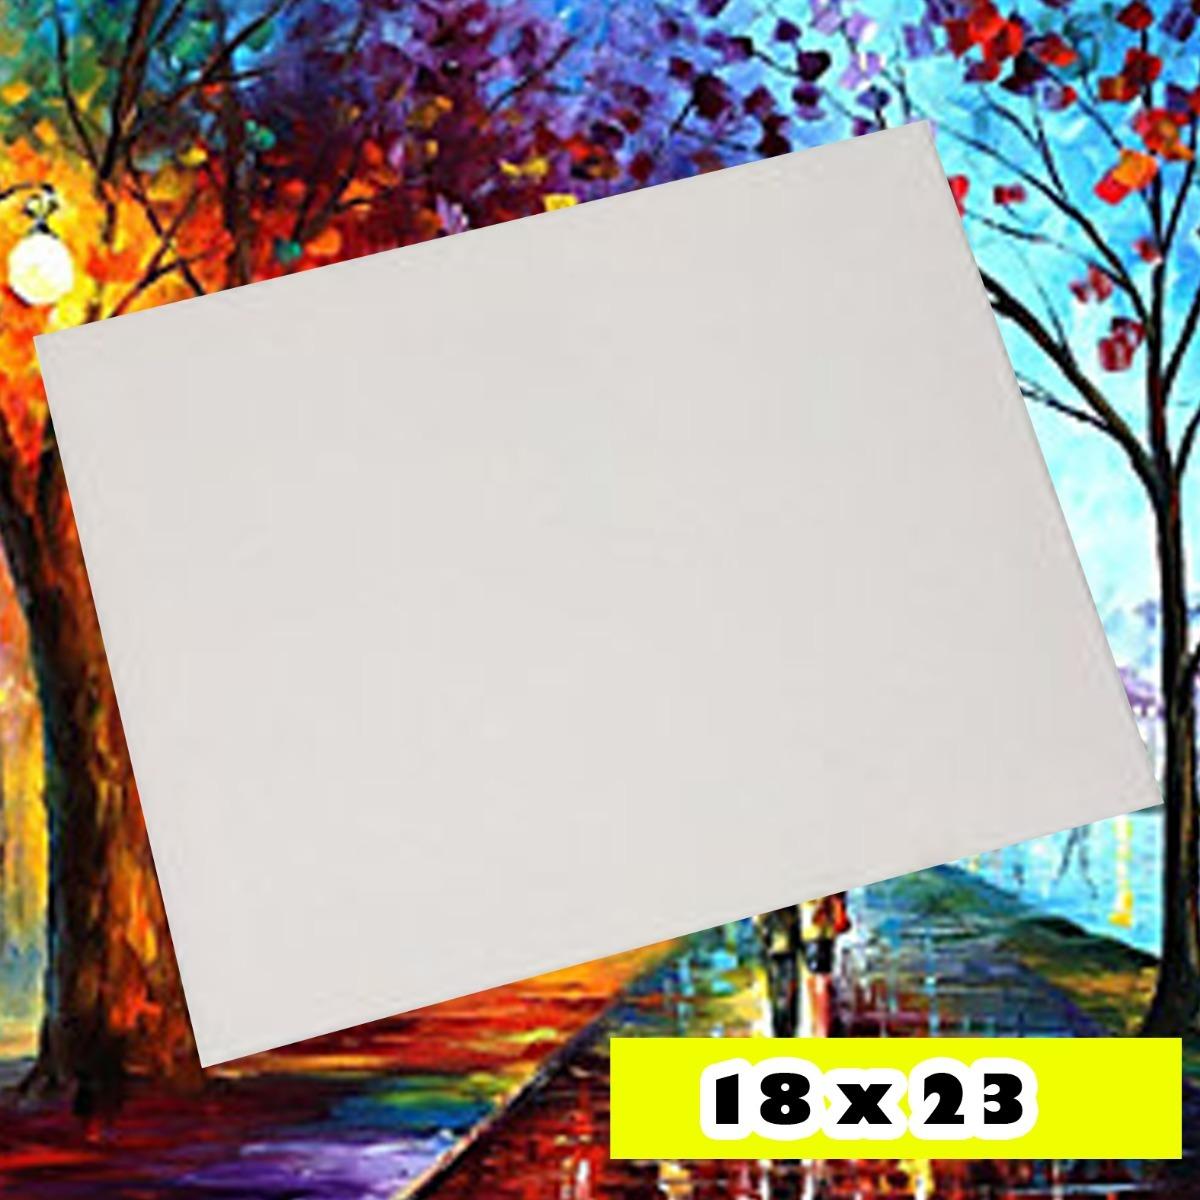 Bastidor Lienzo 18 X 23 Cm Listo Para Pintar - $ 6.000 en Mercado Libre